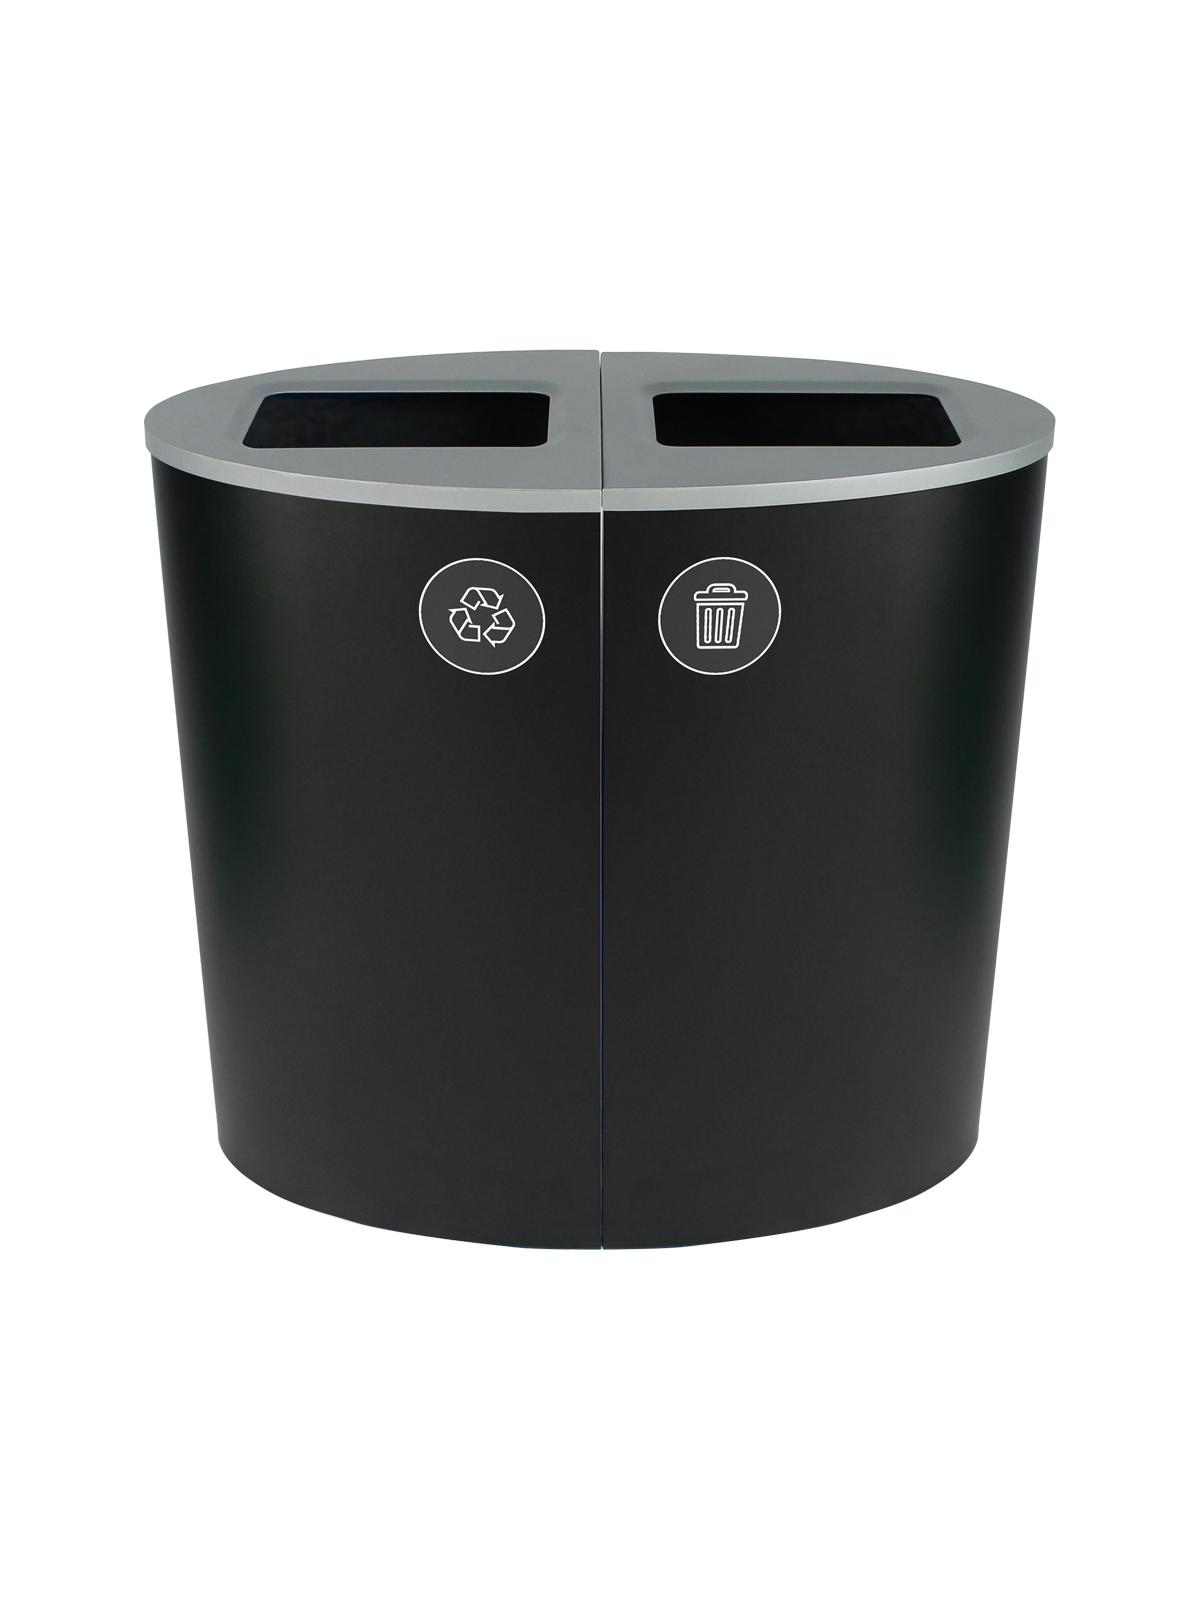 SPECTRUM - Double - Mobius Loop-Waste - Full - Black